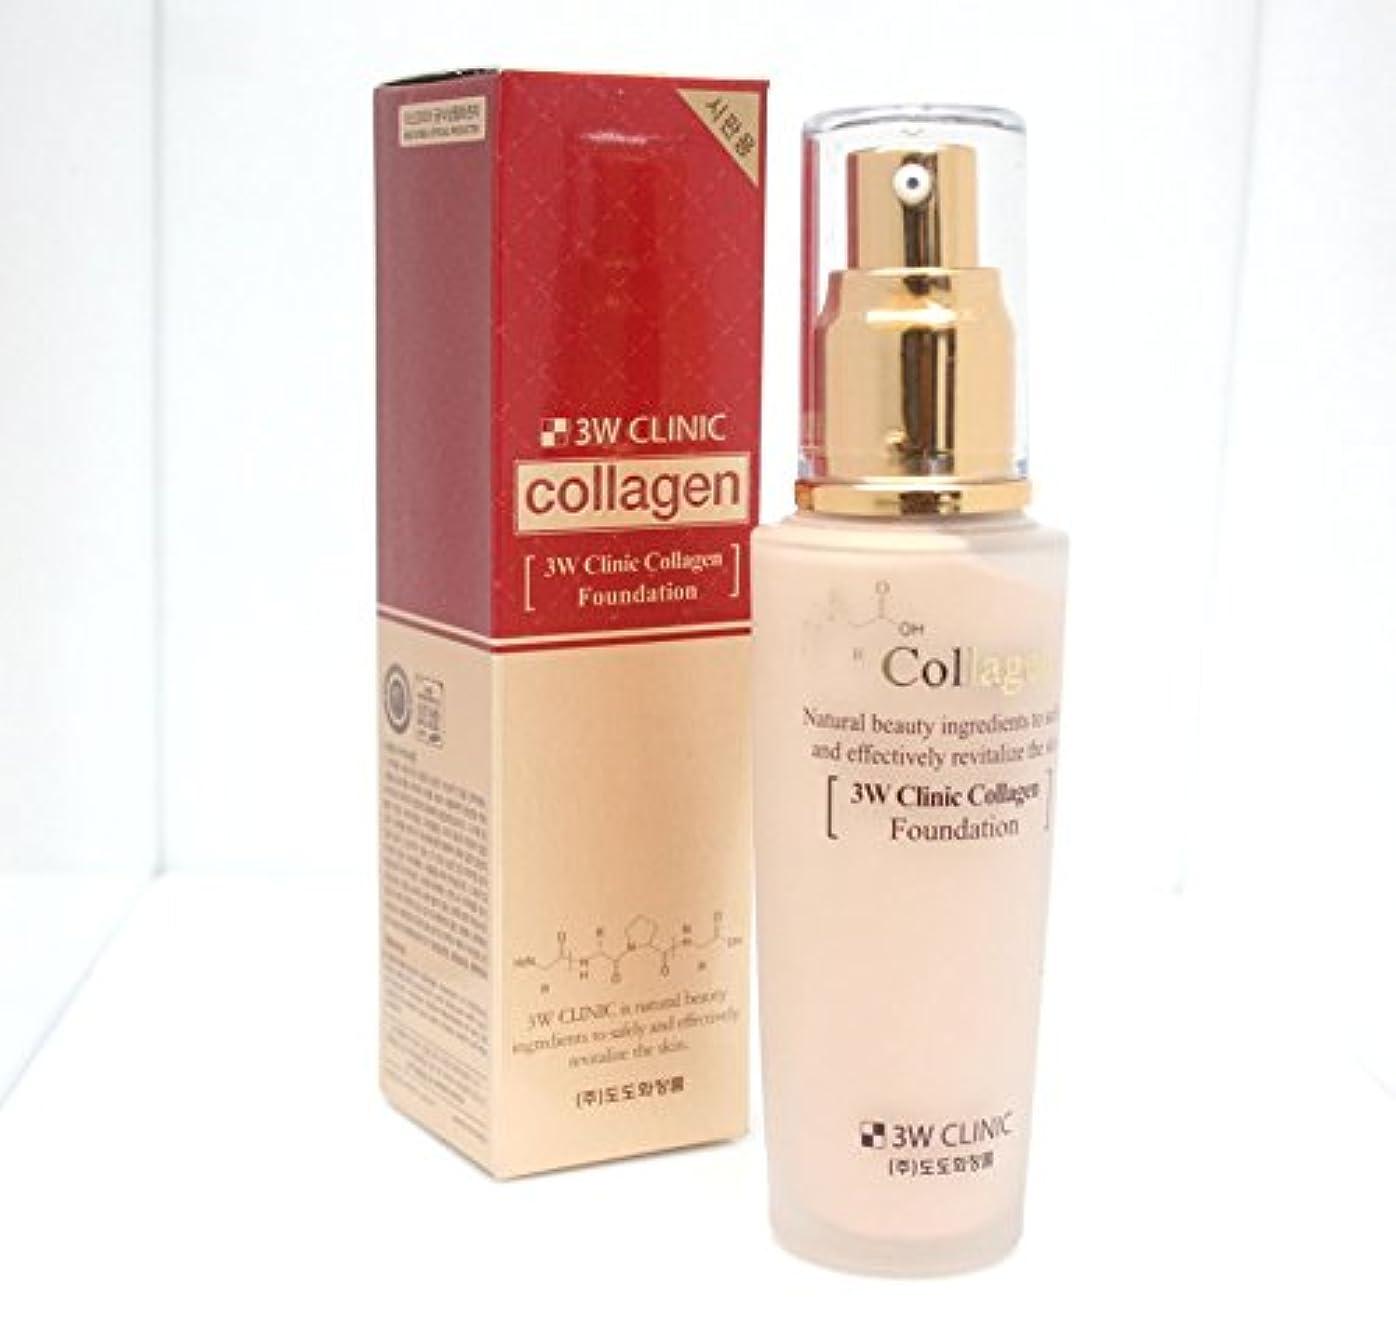 アソシエイト九トレース[3w Clinic]  コラーゲンファンデーション50ml / Collagen Foundation 50ml/ パーフェクトカバーBBクリーム / 21クリアベージュ / Perfect Cover BB Cream...